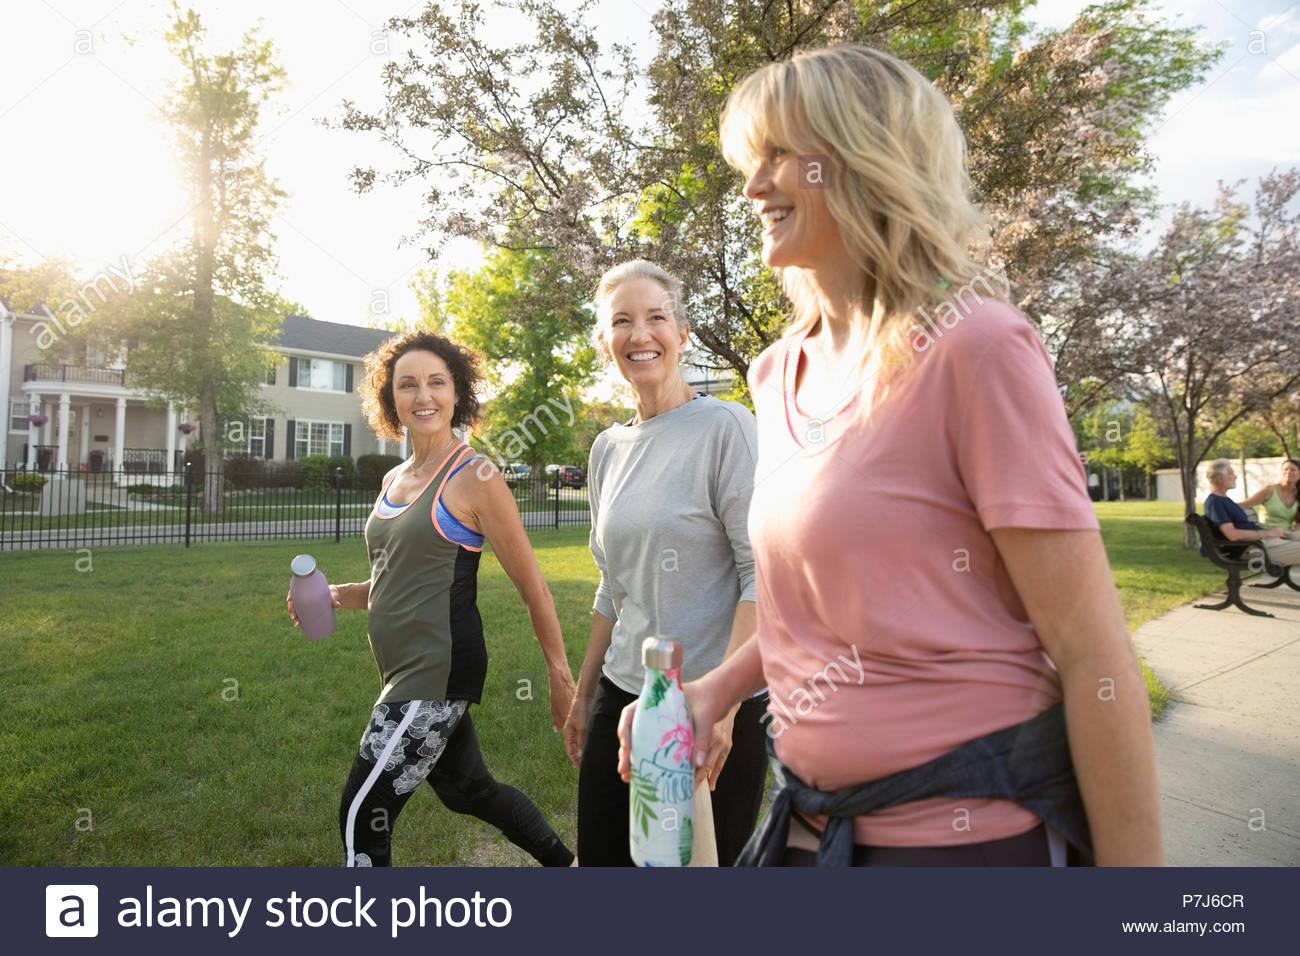 Las mujeres senior sonriente caminando, ejerciendo en sunny park Imagen De Stock